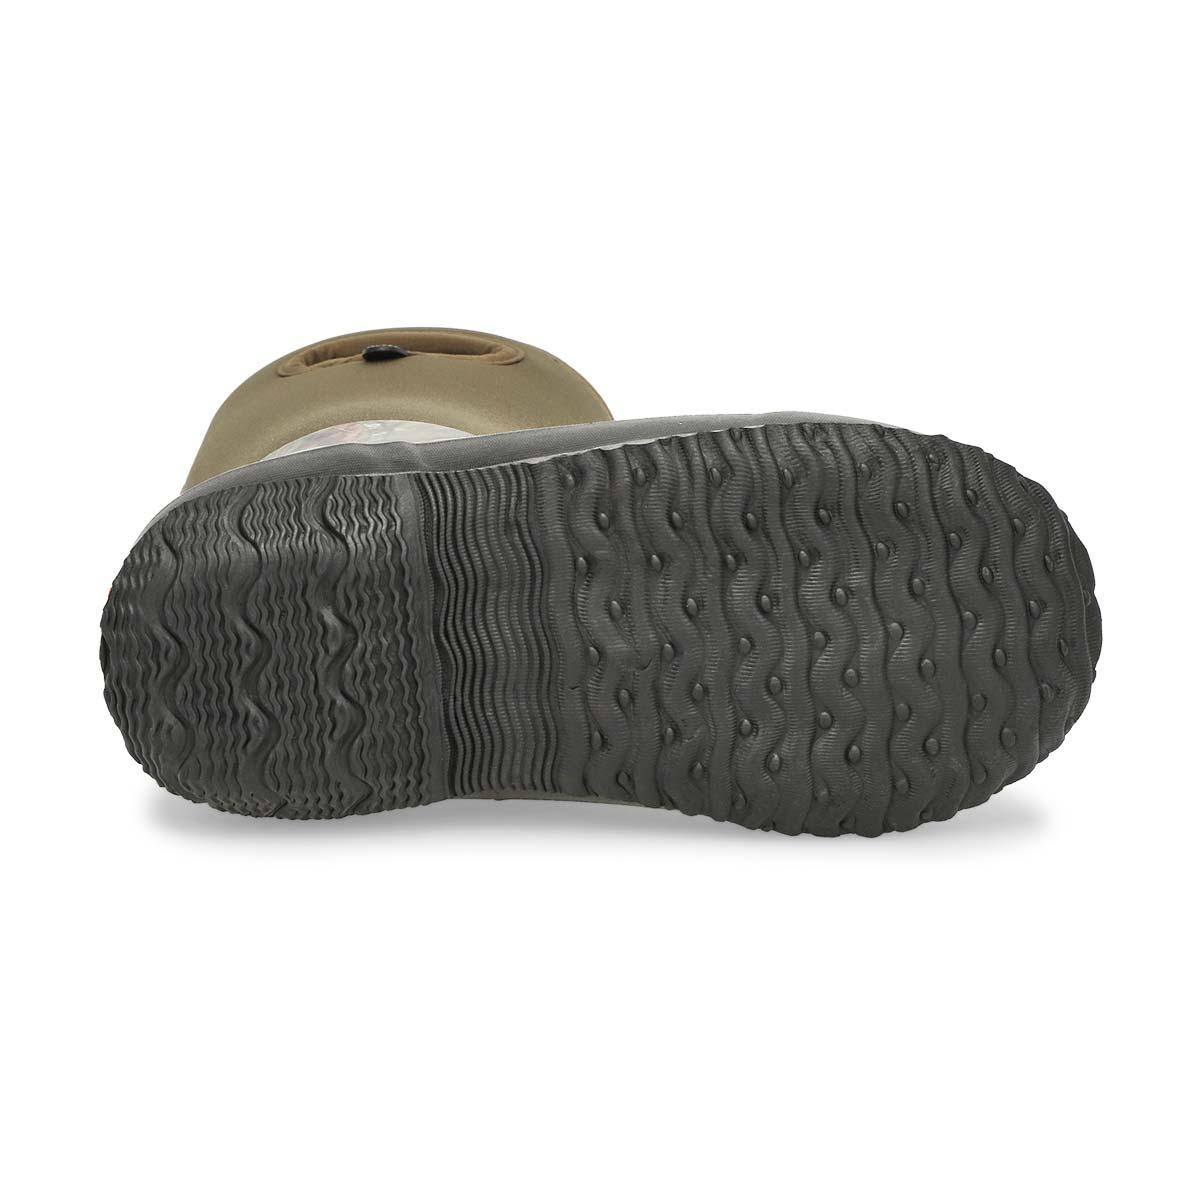 Bys Class Mossy Oak tall grn winter boot